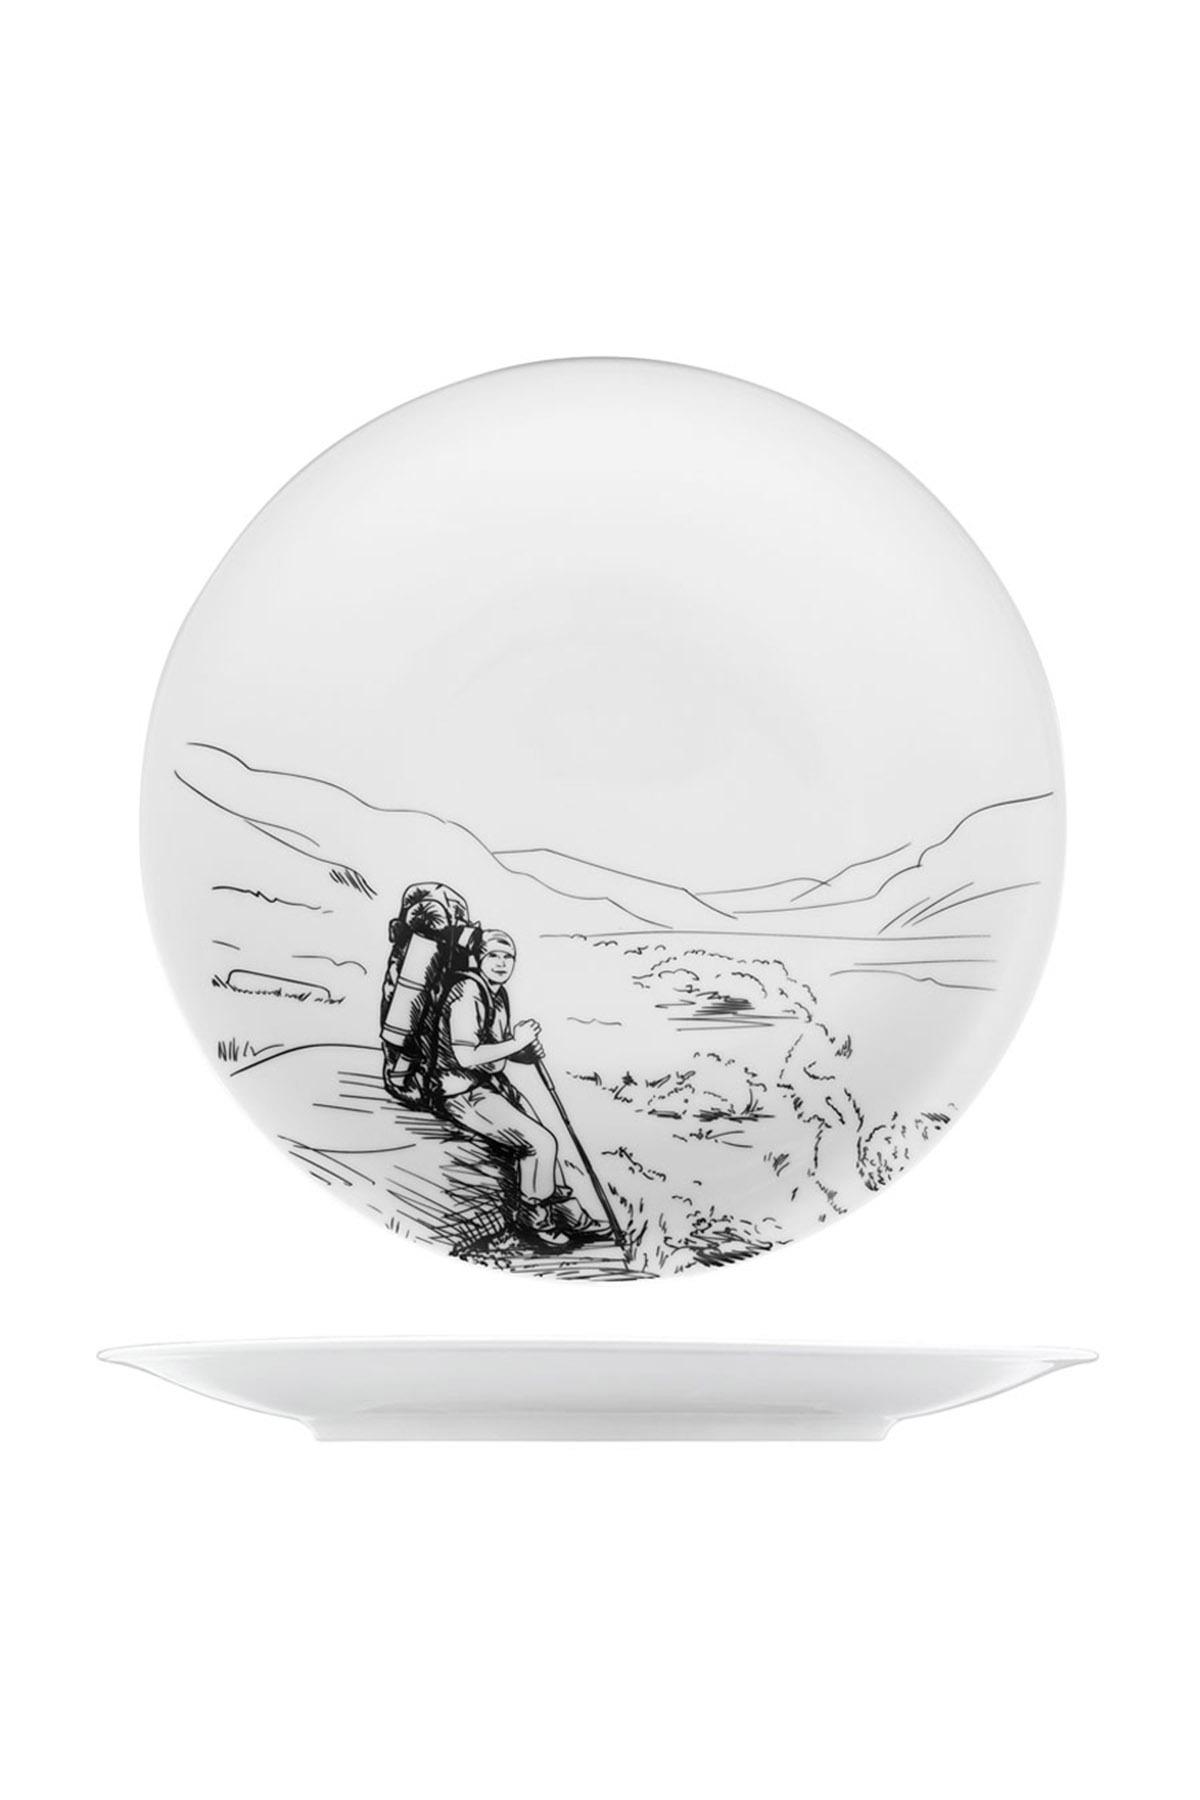 KÜTAHYA PORSELEN - Kütahya Porselen Centilmen Serisi Servis Tabağı Dağcı